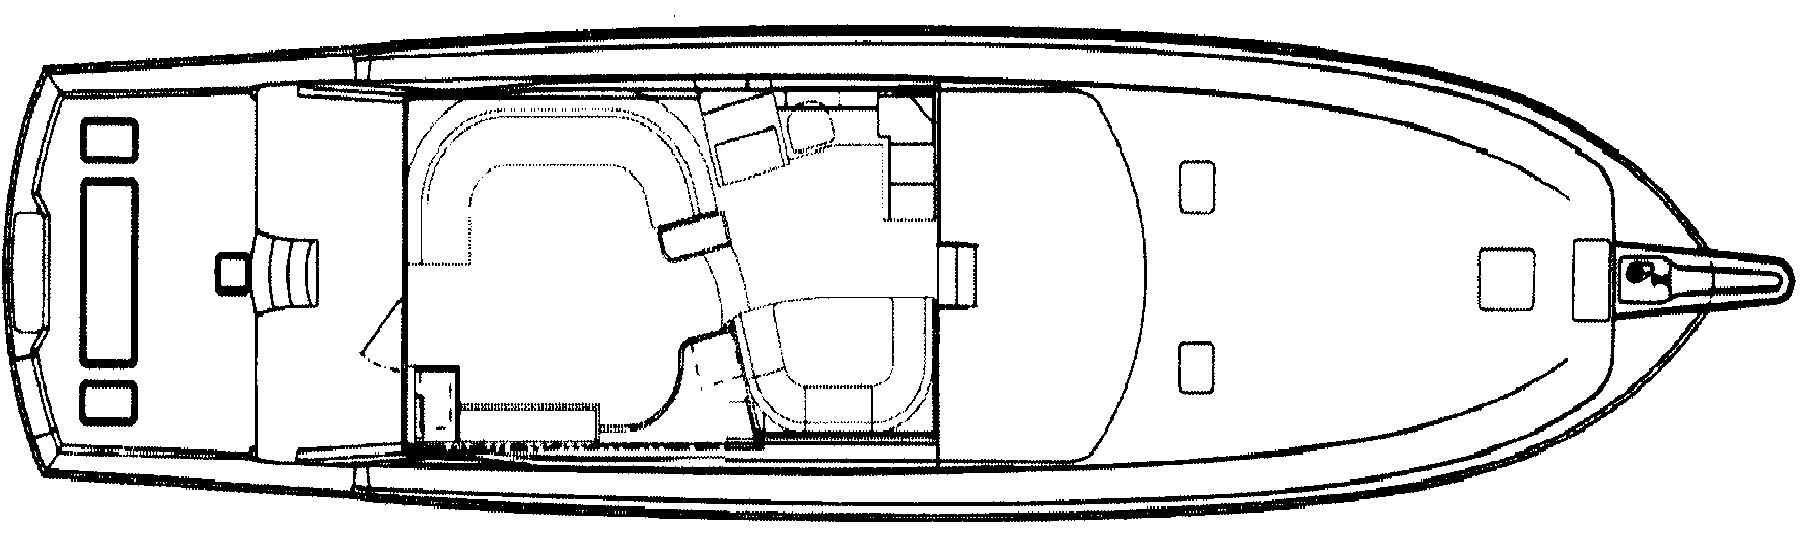 70 Convertible Floor Plan 2